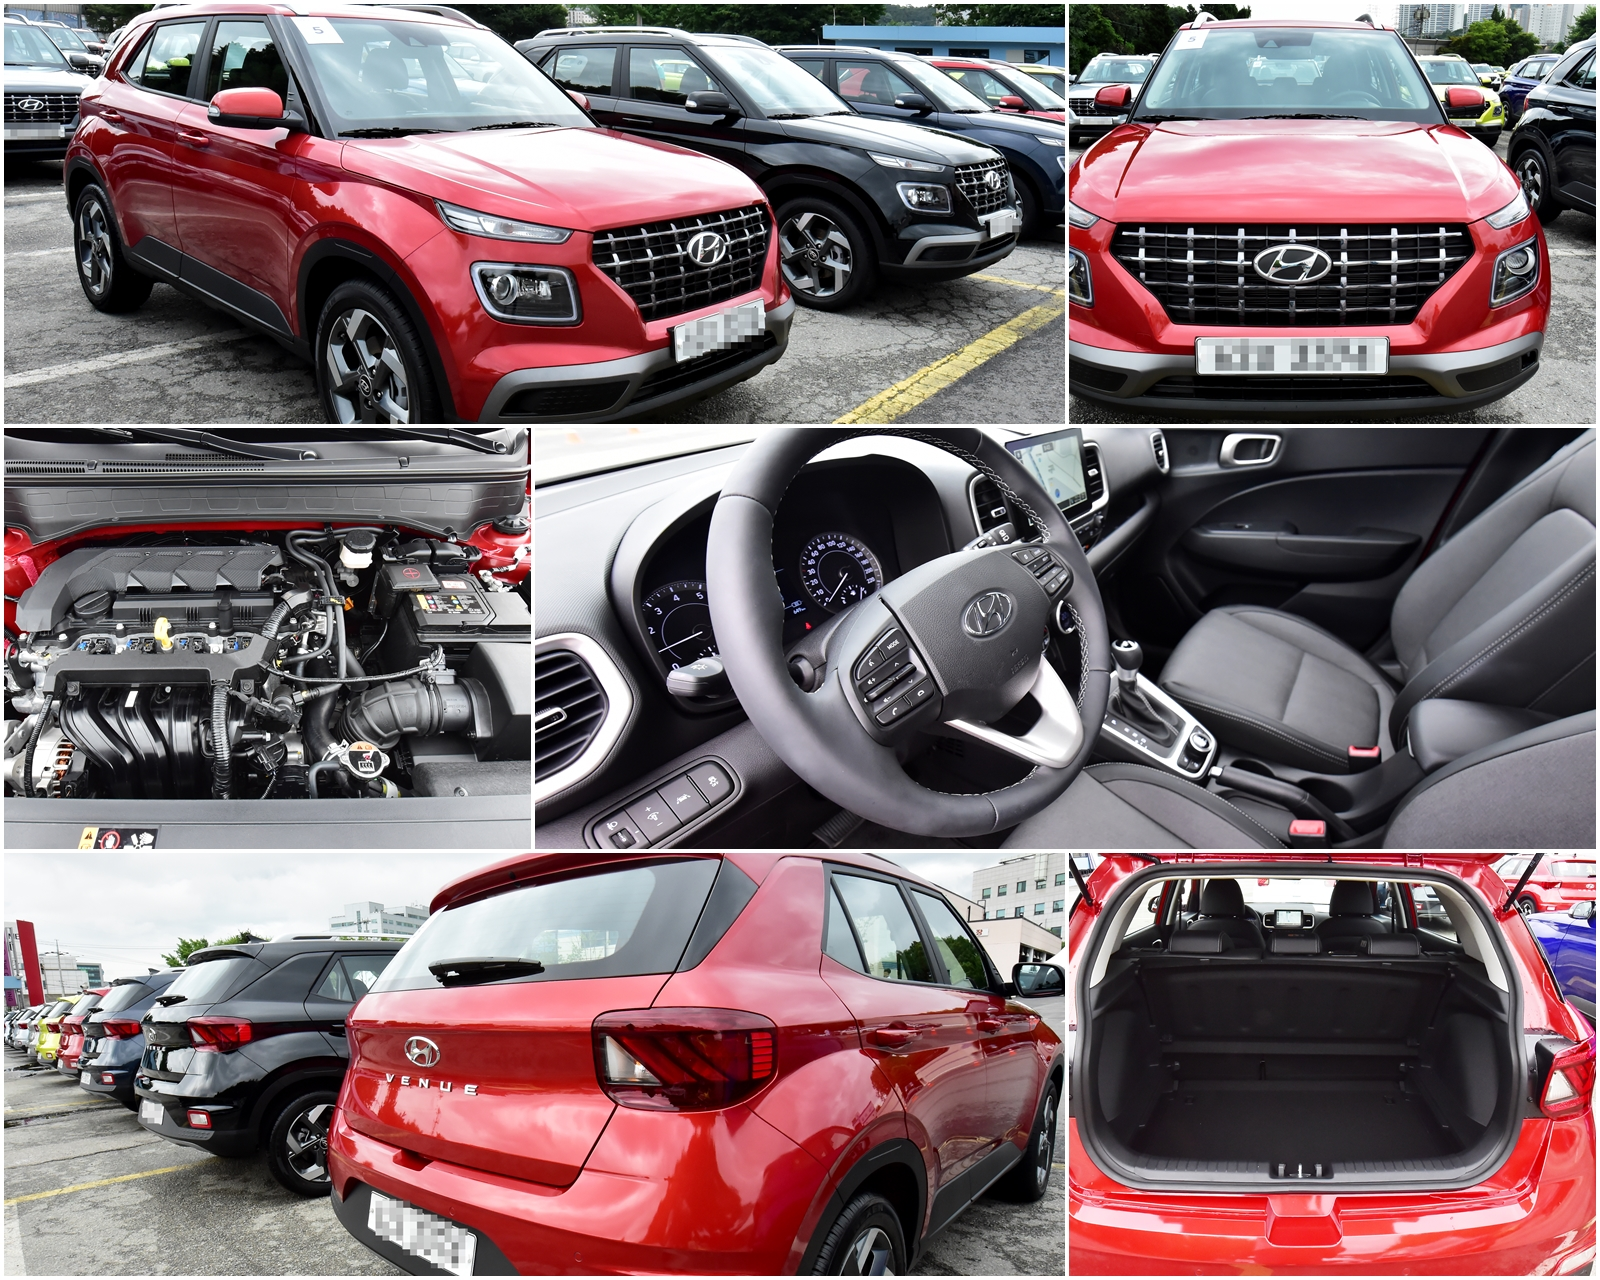 현대차, 밀레니얼 혼라이프 SUV '베뉴' 공식 출시!